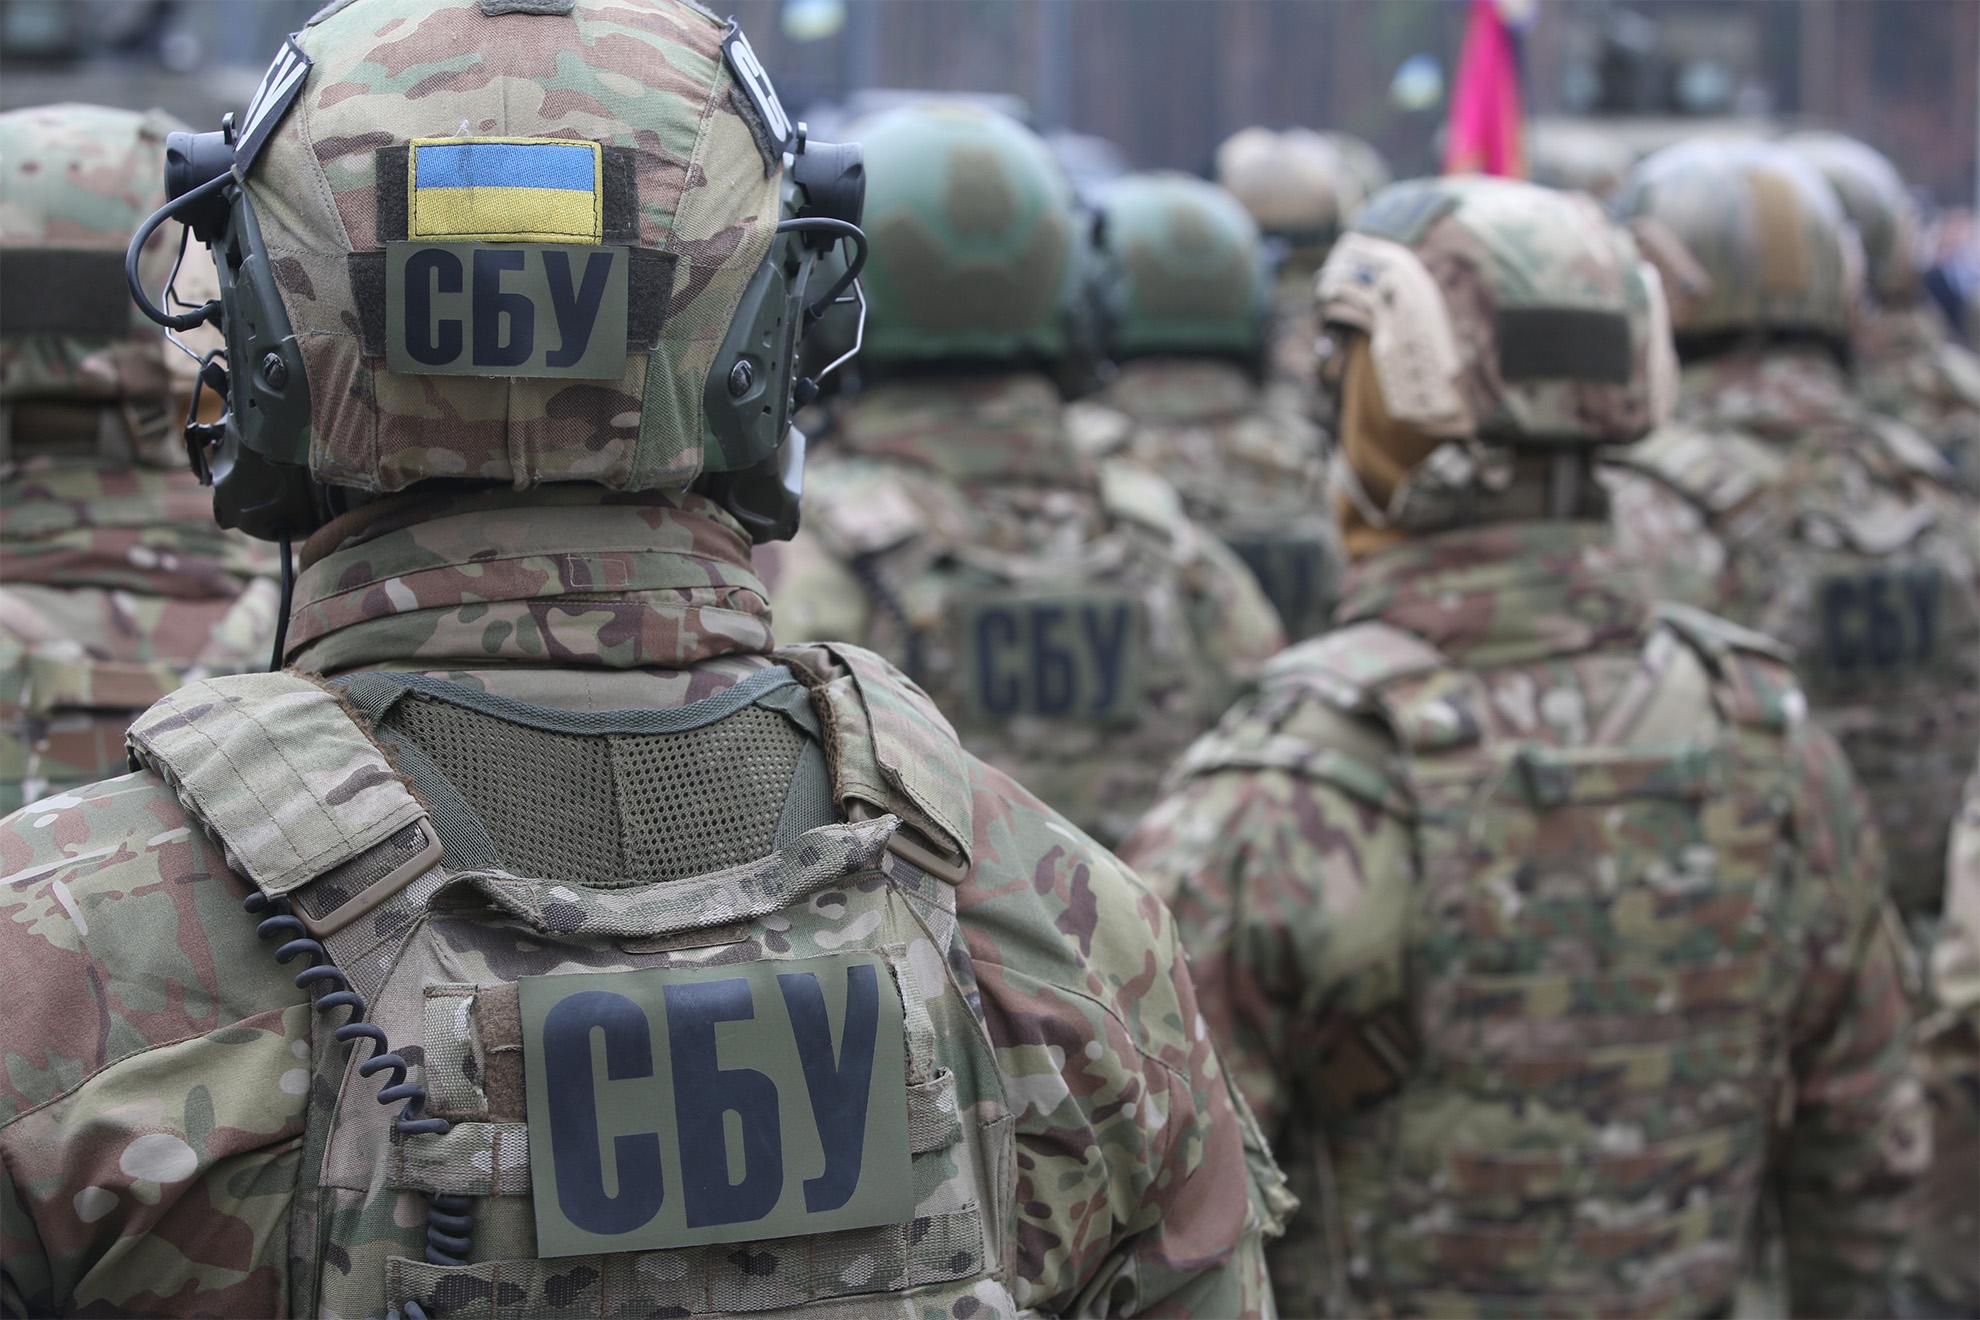 Захопили гелікоптер та заручників: СБУ провела антитерористичні навчання (ВІДЕО)